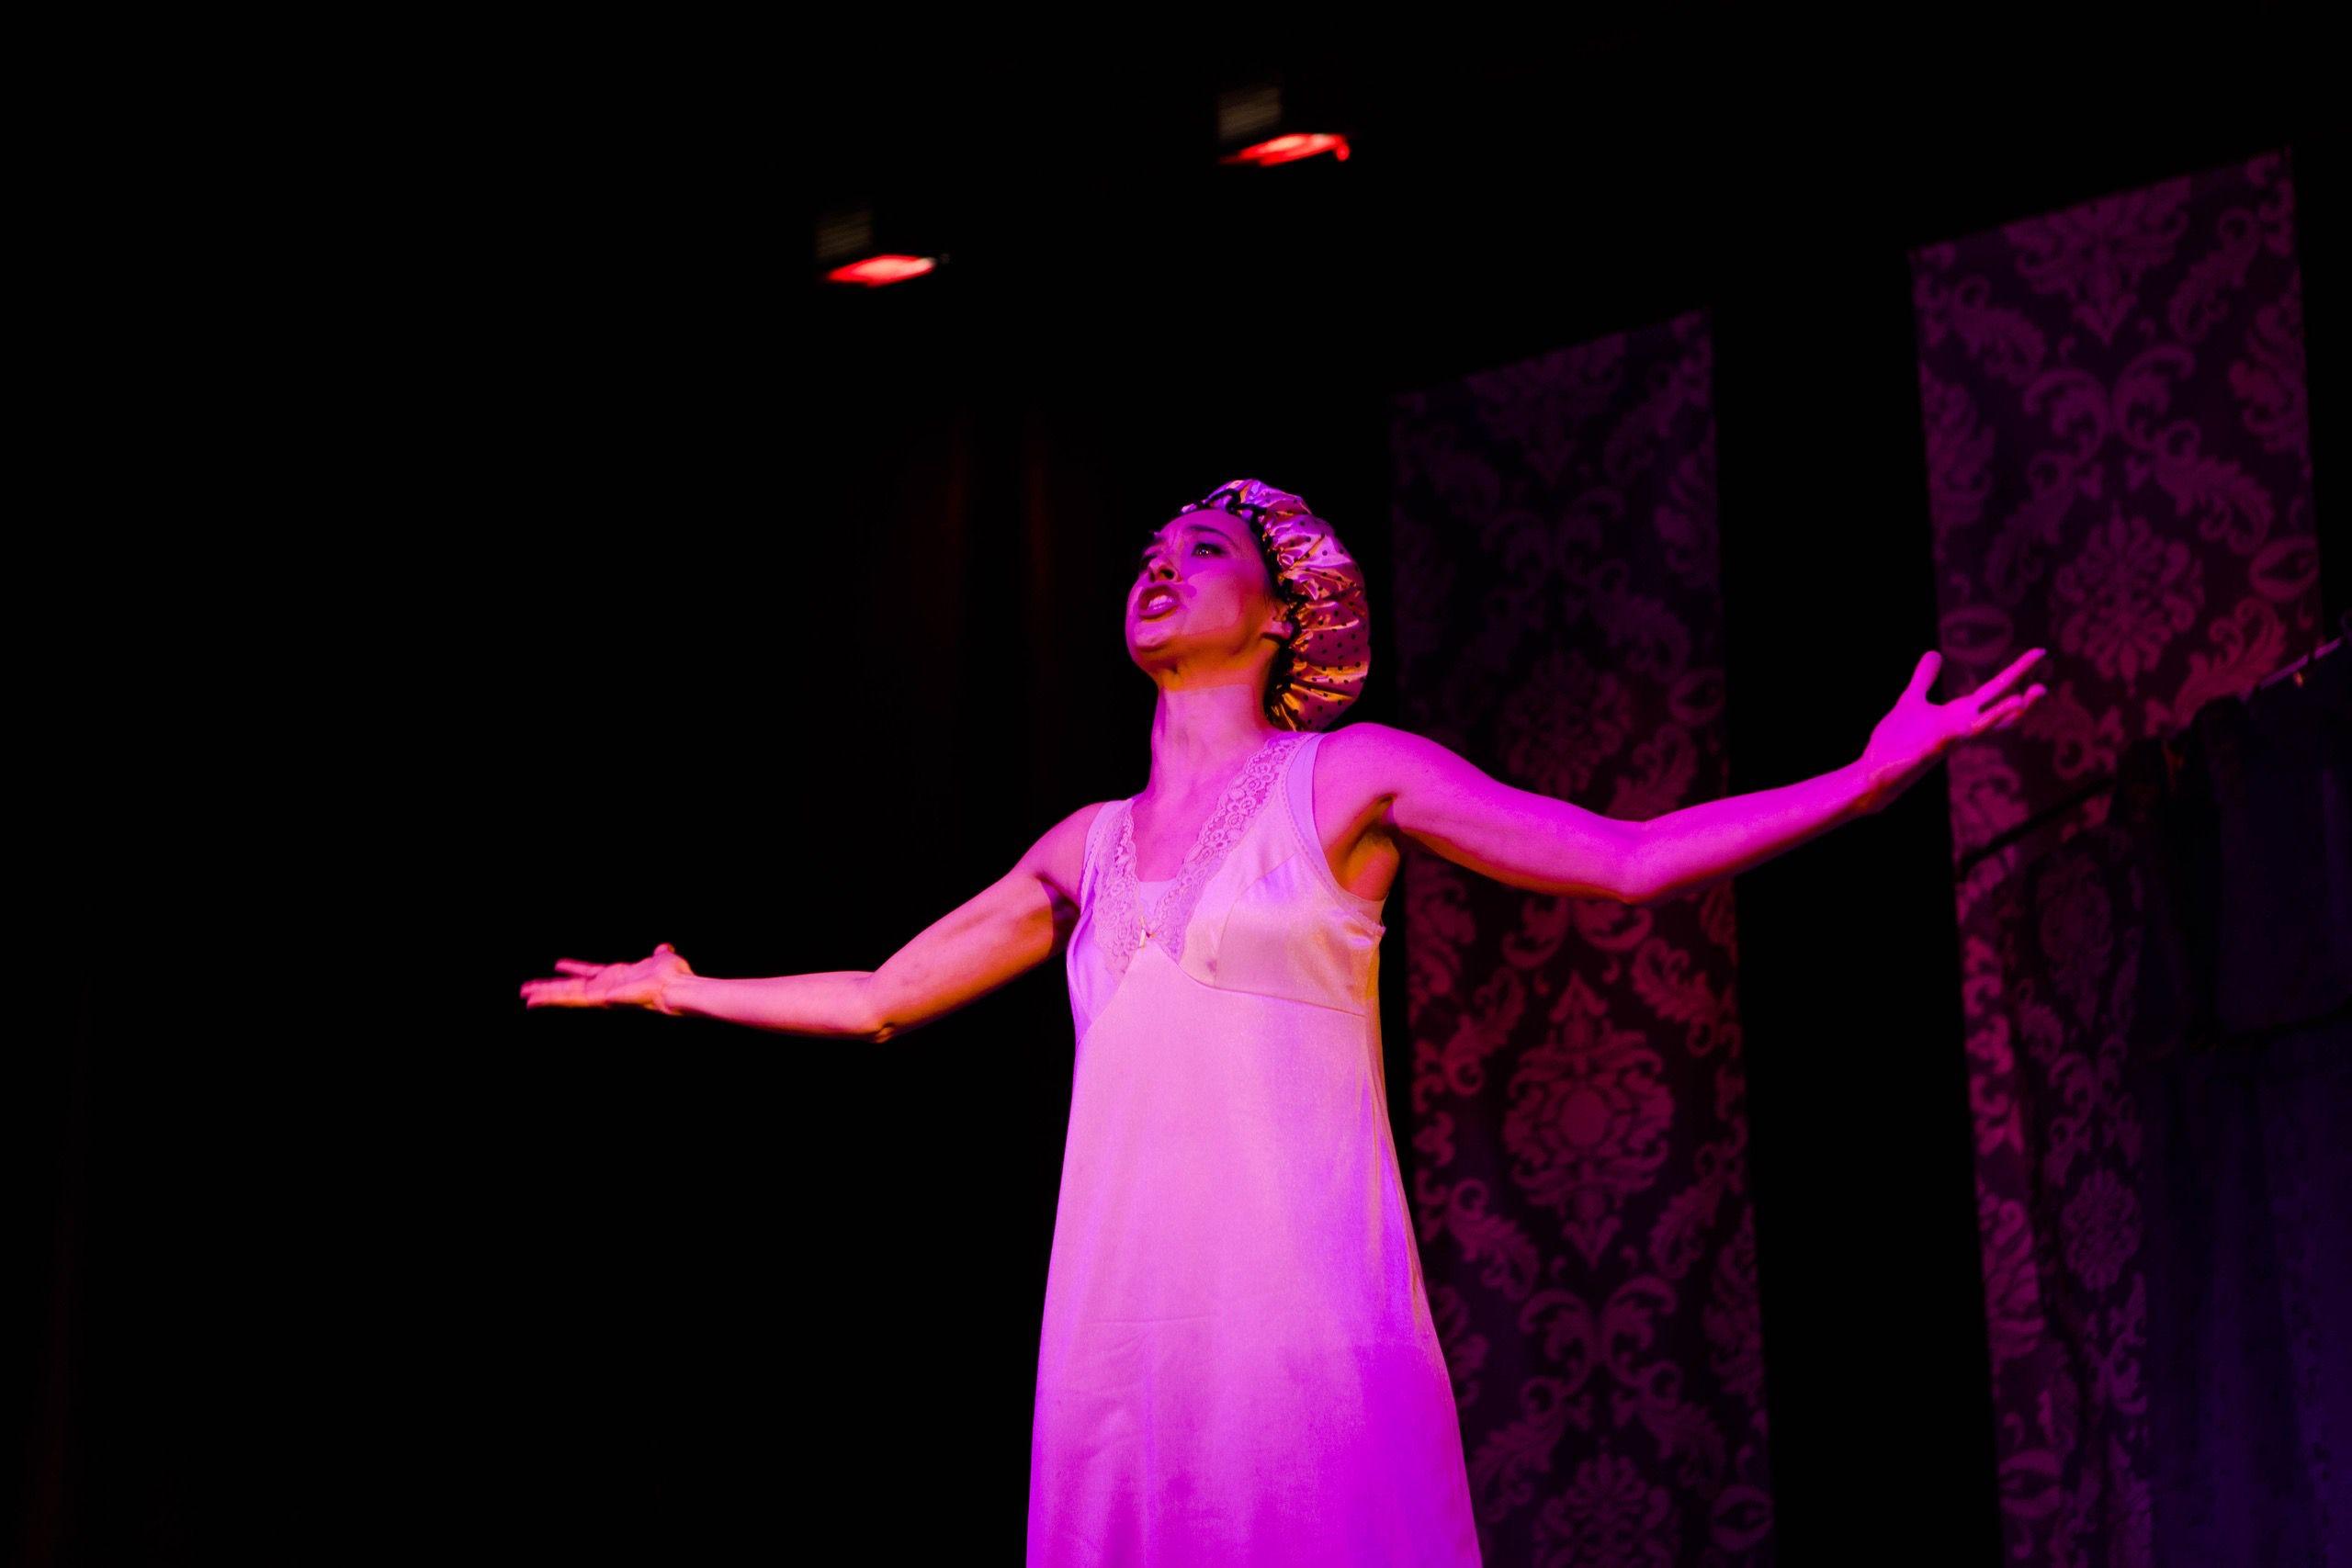 Спектакль «Пила вино и хохотала. Белое» в постановке «Театра двух» (Санкт-Петербург) фото 2